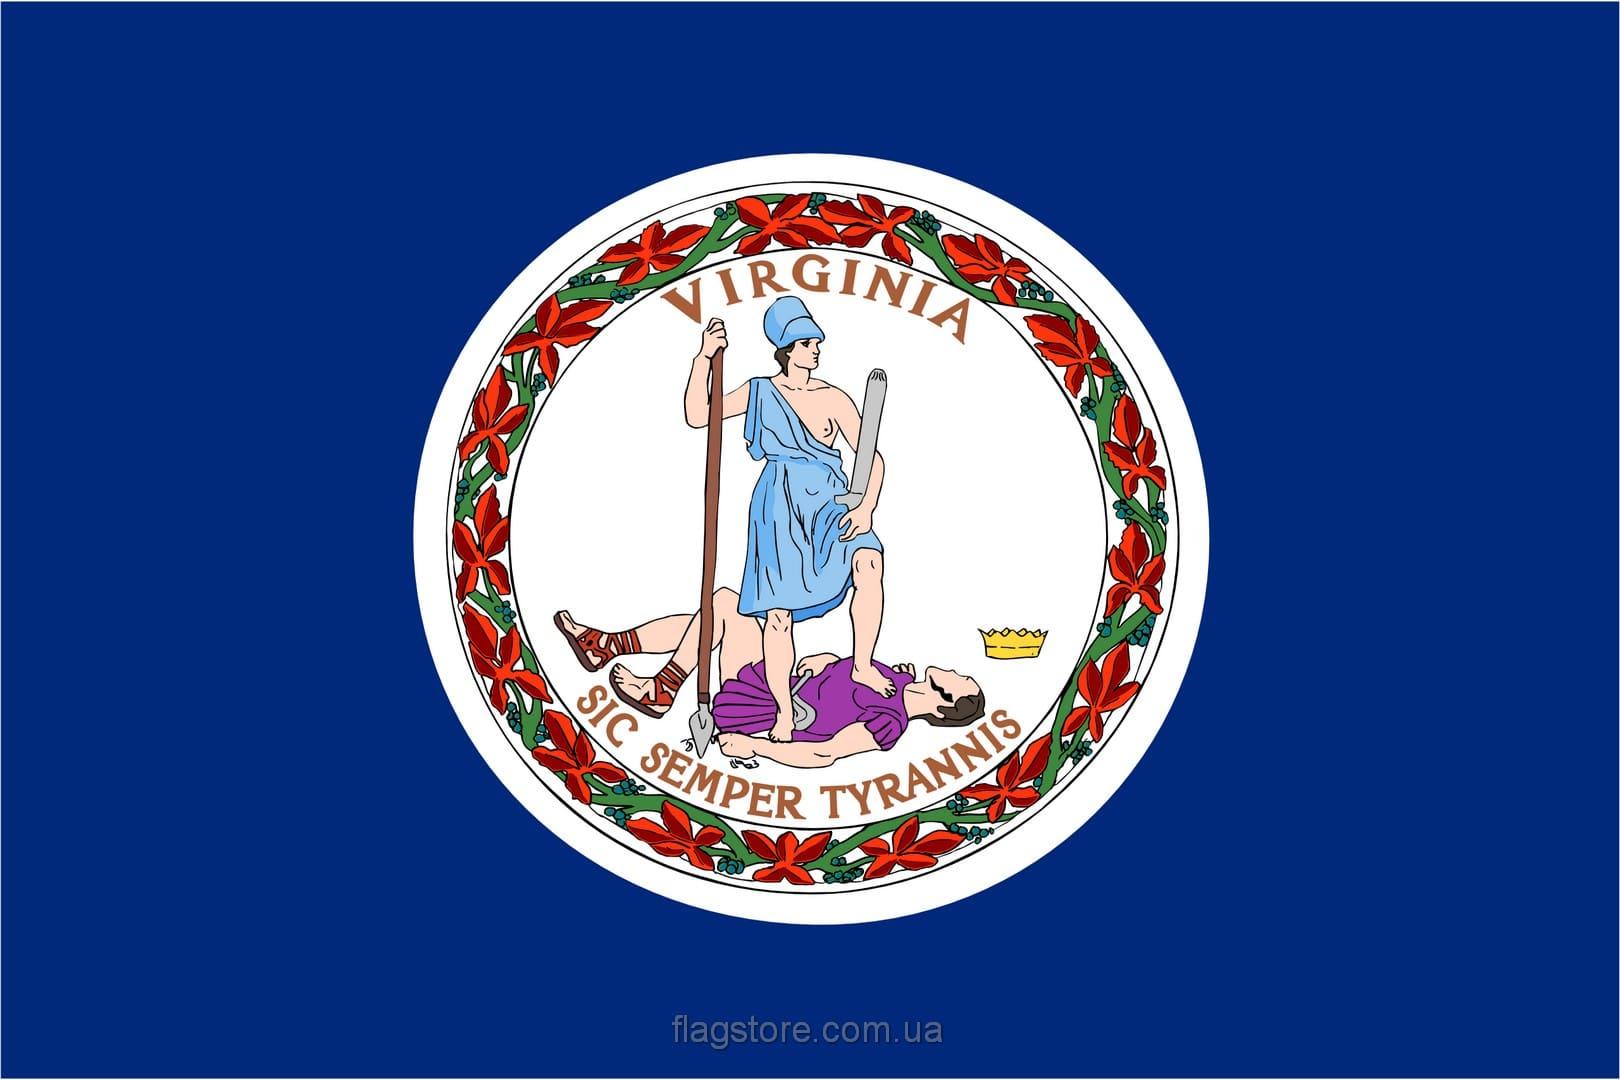 Купить флаг Виргинии (штата Виргиния)